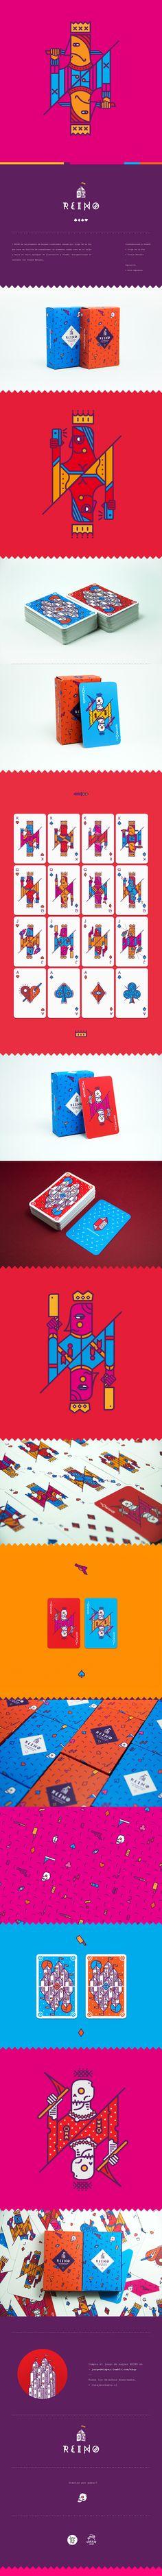 REINØ es un proyecto de naipes ilustrados creado por Jorge De la Paz que nace en función de transformar un elemento común como es un naipe y darle un valor agregado de ilustración y diseño. Autogestionado en conjunto con Coraje Estudio.